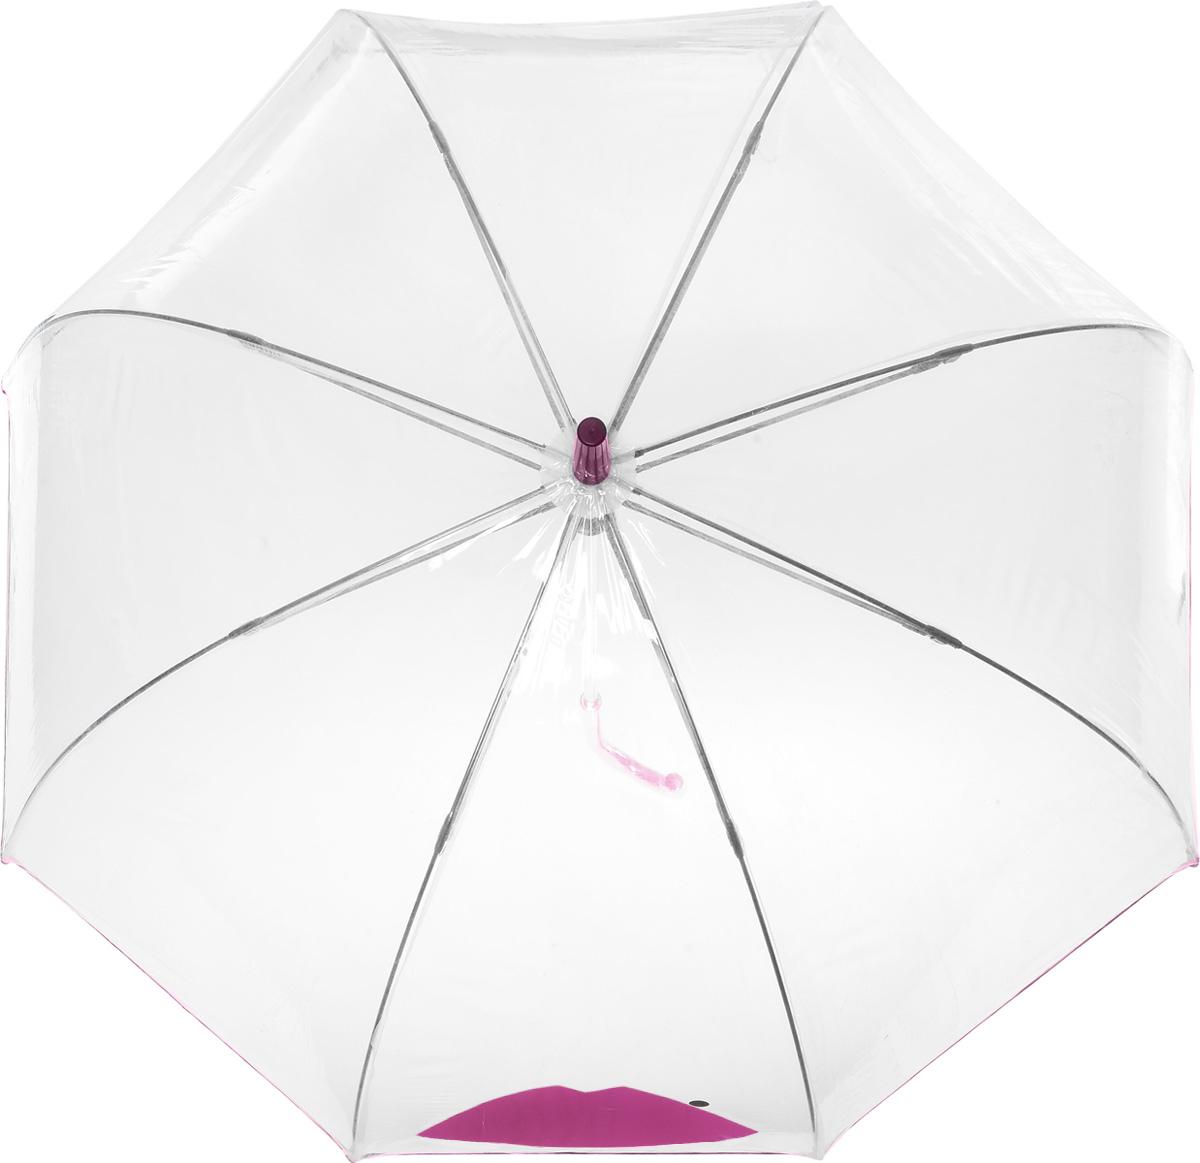 Зонт-трость женский Lulu Guinness Birdcage, механический, цвет: прозрачный, сливовый. L719-3180L719-3180 AbstractLipMagentaНеобычный механический зонт-трость Lulu Guinness Birdcage даже в ненастную погоду позволит вам оставаться модной и элегантной. Каркас зонта включает 8 спиц из фибергласса с пластиковыми наконечниками. Стержень изготовлен из стали. Купол зонта выполнен из высококачественного прозрачного ПВХ и оформлен принтом в виде губок с кокетливой родинкой и кантом того же цвета. Изделие дополнено удобной пластиковой рукояткой с металлическим элементом. Зонт механического сложения: купол открывается и закрывается вручную до характерного щелчка. Модель дополнительно застегивается с помощью хлястика на кнопку. Такой зонт не только надежно защитит вас от дождя, но и станет стильным аксессуаром, который идеально подчеркнет ваш неповторимый образ.